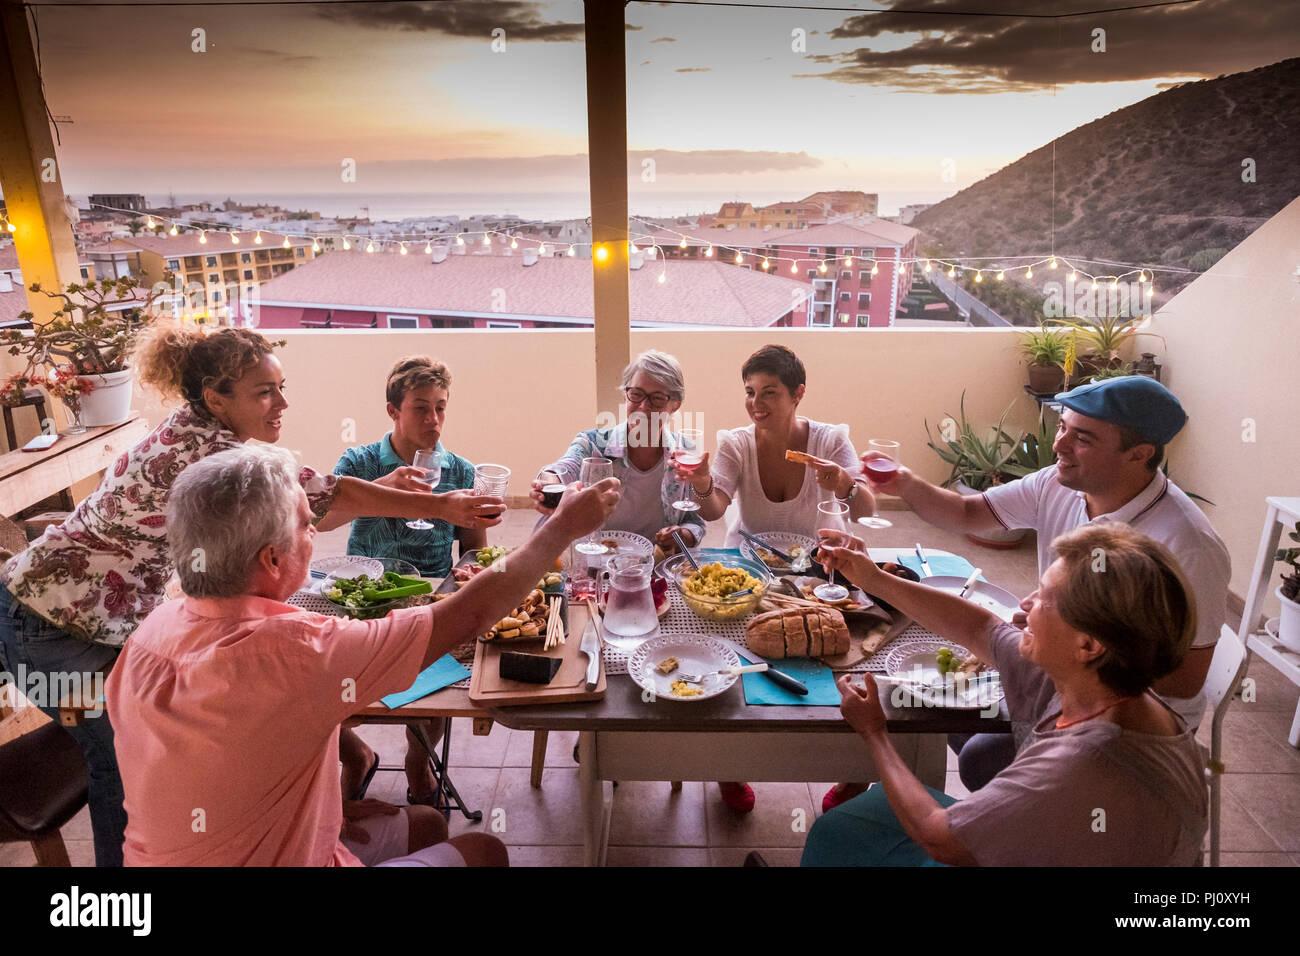 Groupe d'amis et parents à la maison coin ensemble et clinking glasses avec boissons. Tout le monde sourire et avoir du plaisir à célébrer l'amitié. happ Photo Stock